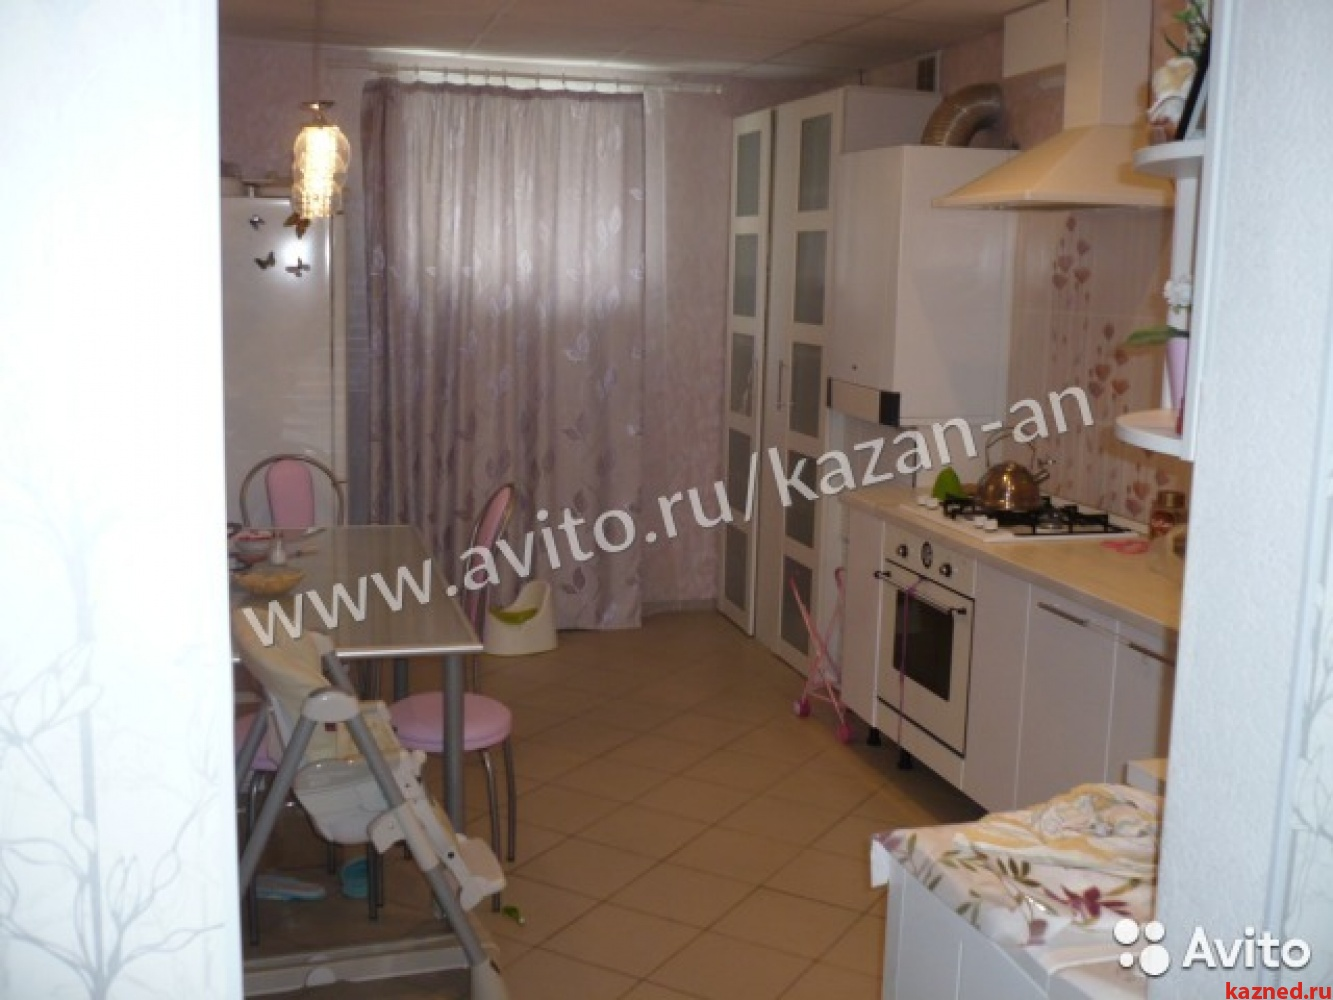 Продажа 2-к квартиры Аланлык 52 (Сафиуллина), 0 м2  (миниатюра №1)